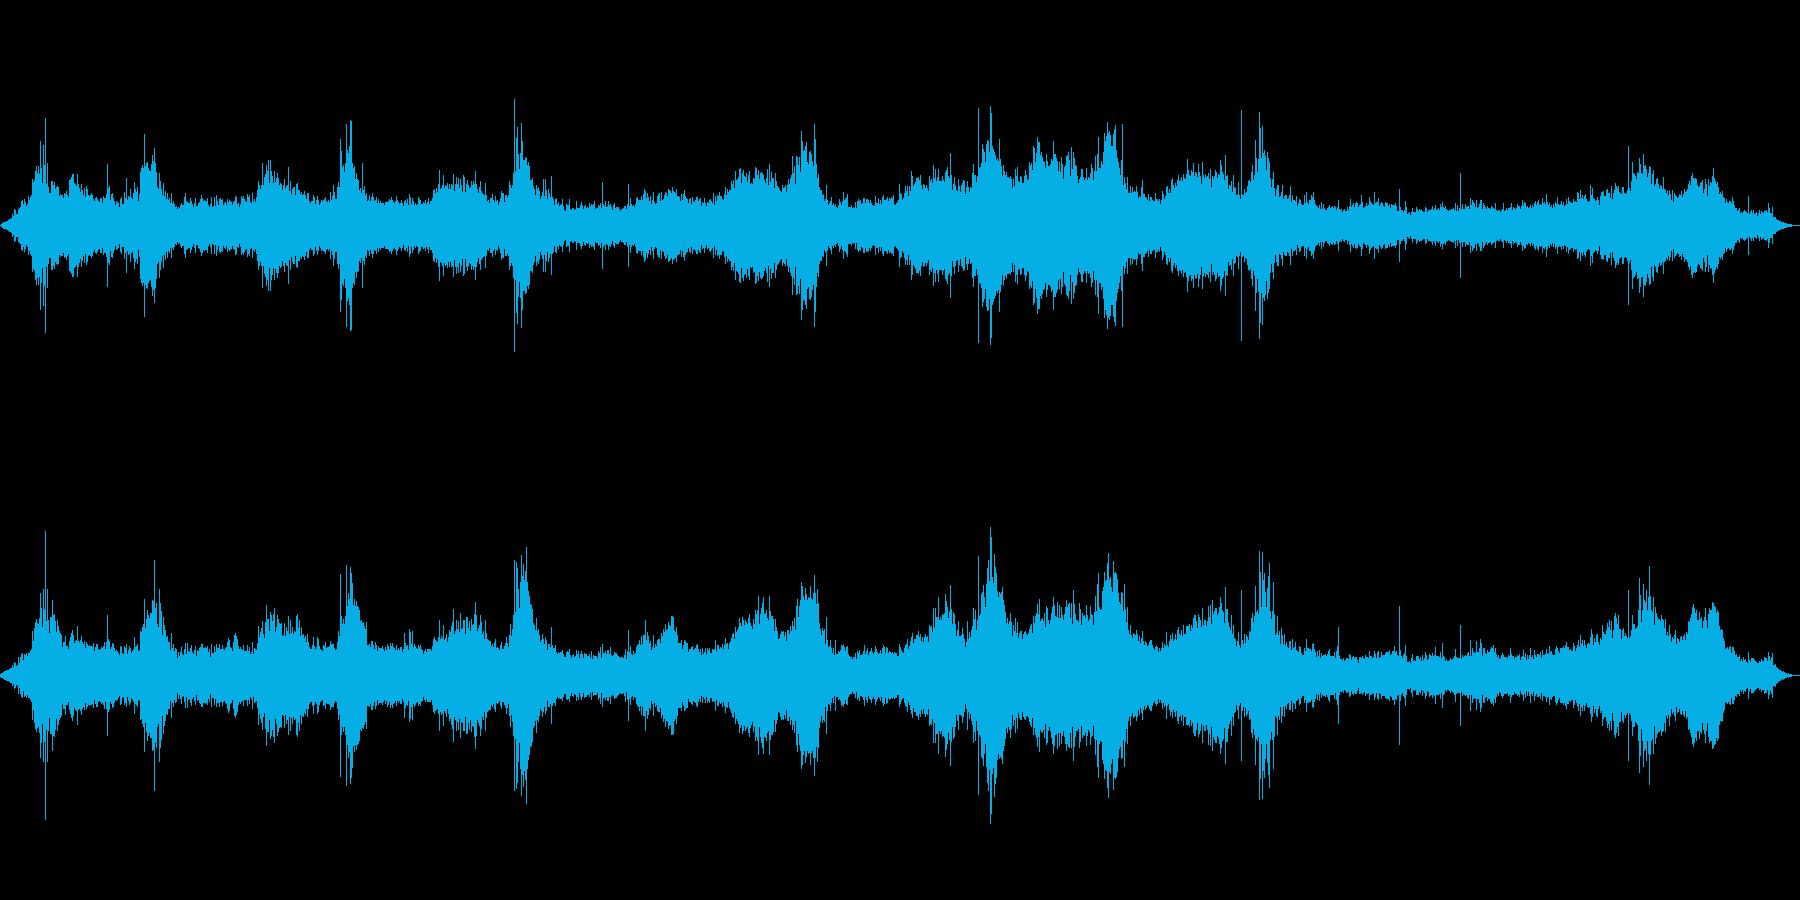 【自然音】波の音01(八丈島)の再生済みの波形